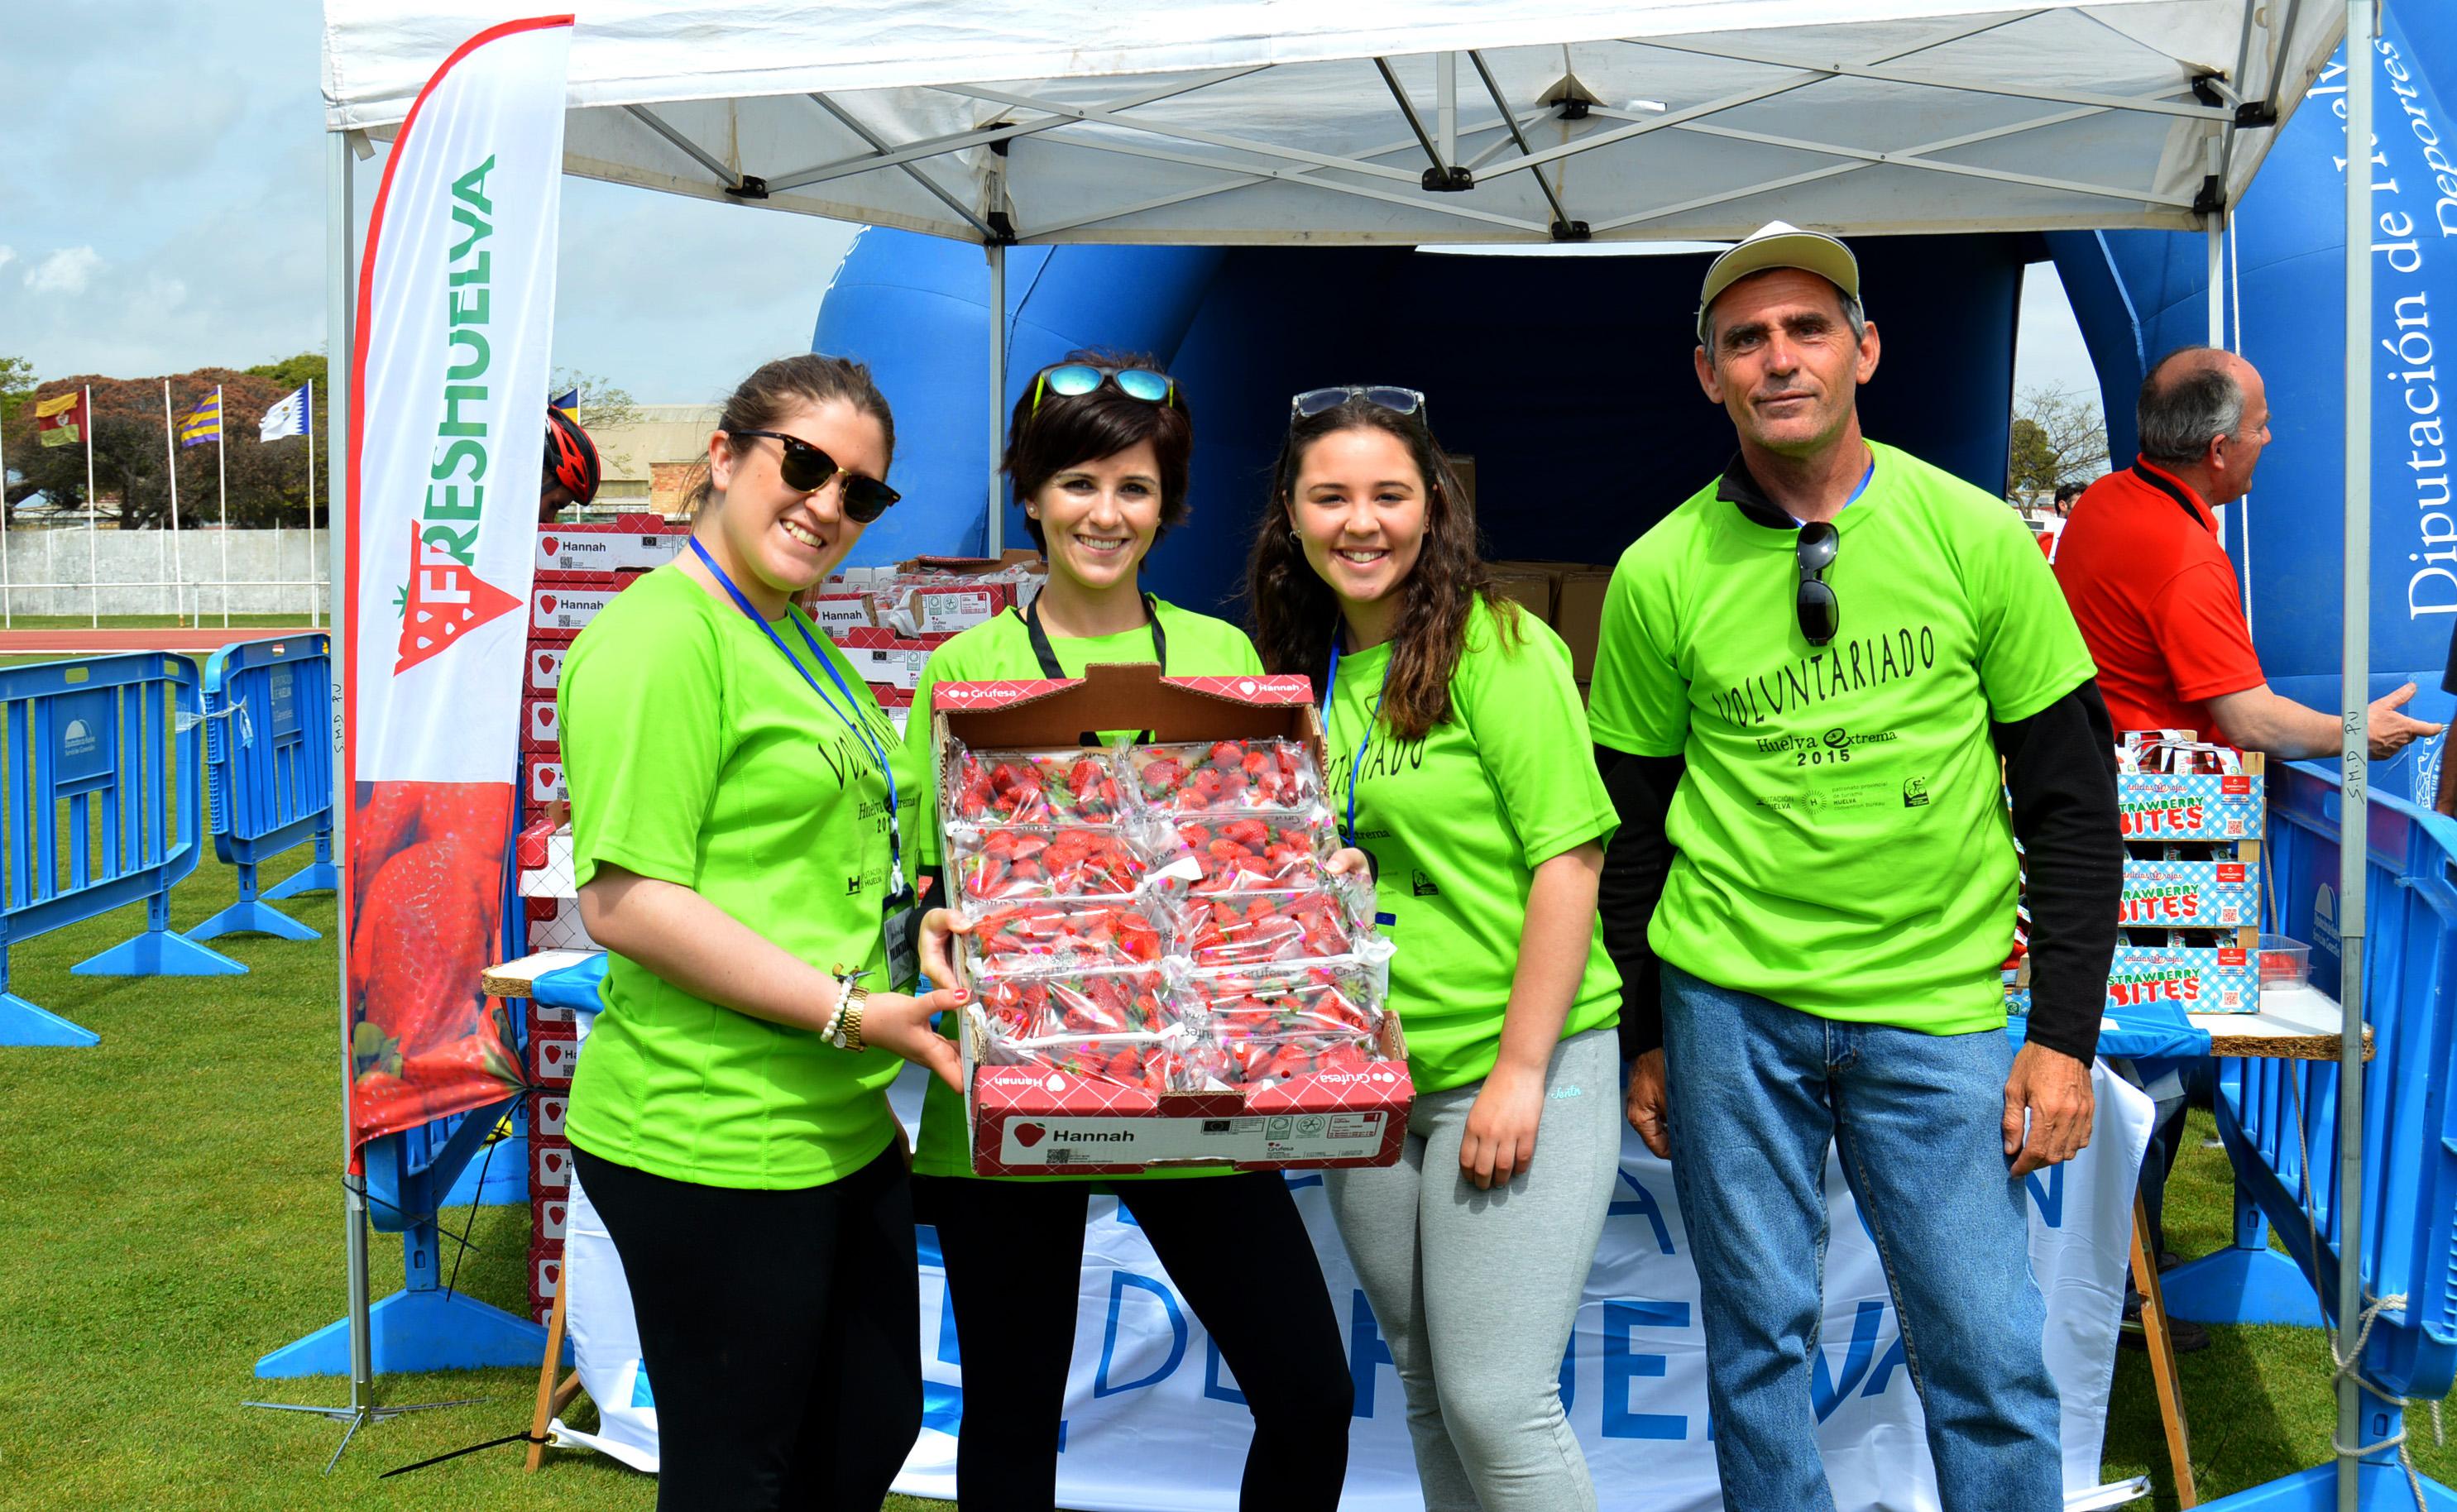 Los voluntarios que participaron en la carrera con las fresas de Grufesa